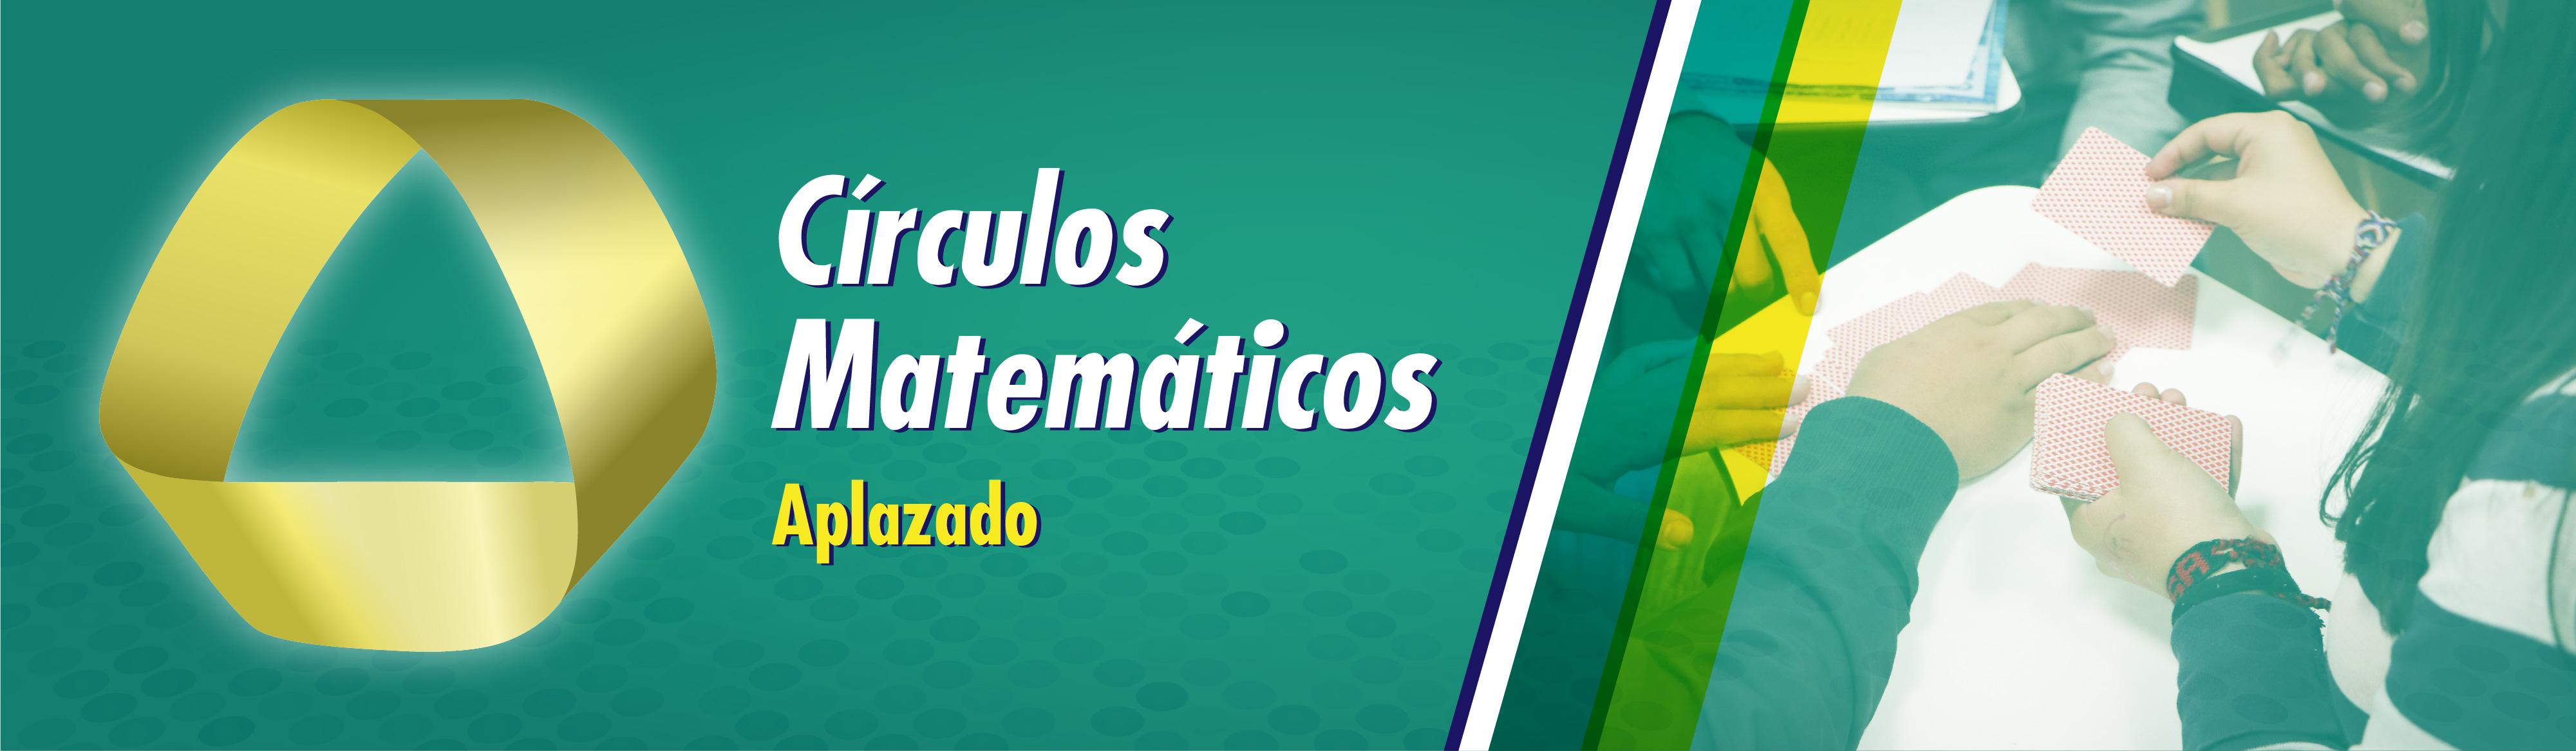 Círculos Matemáticos Uniandinos | Uniandes